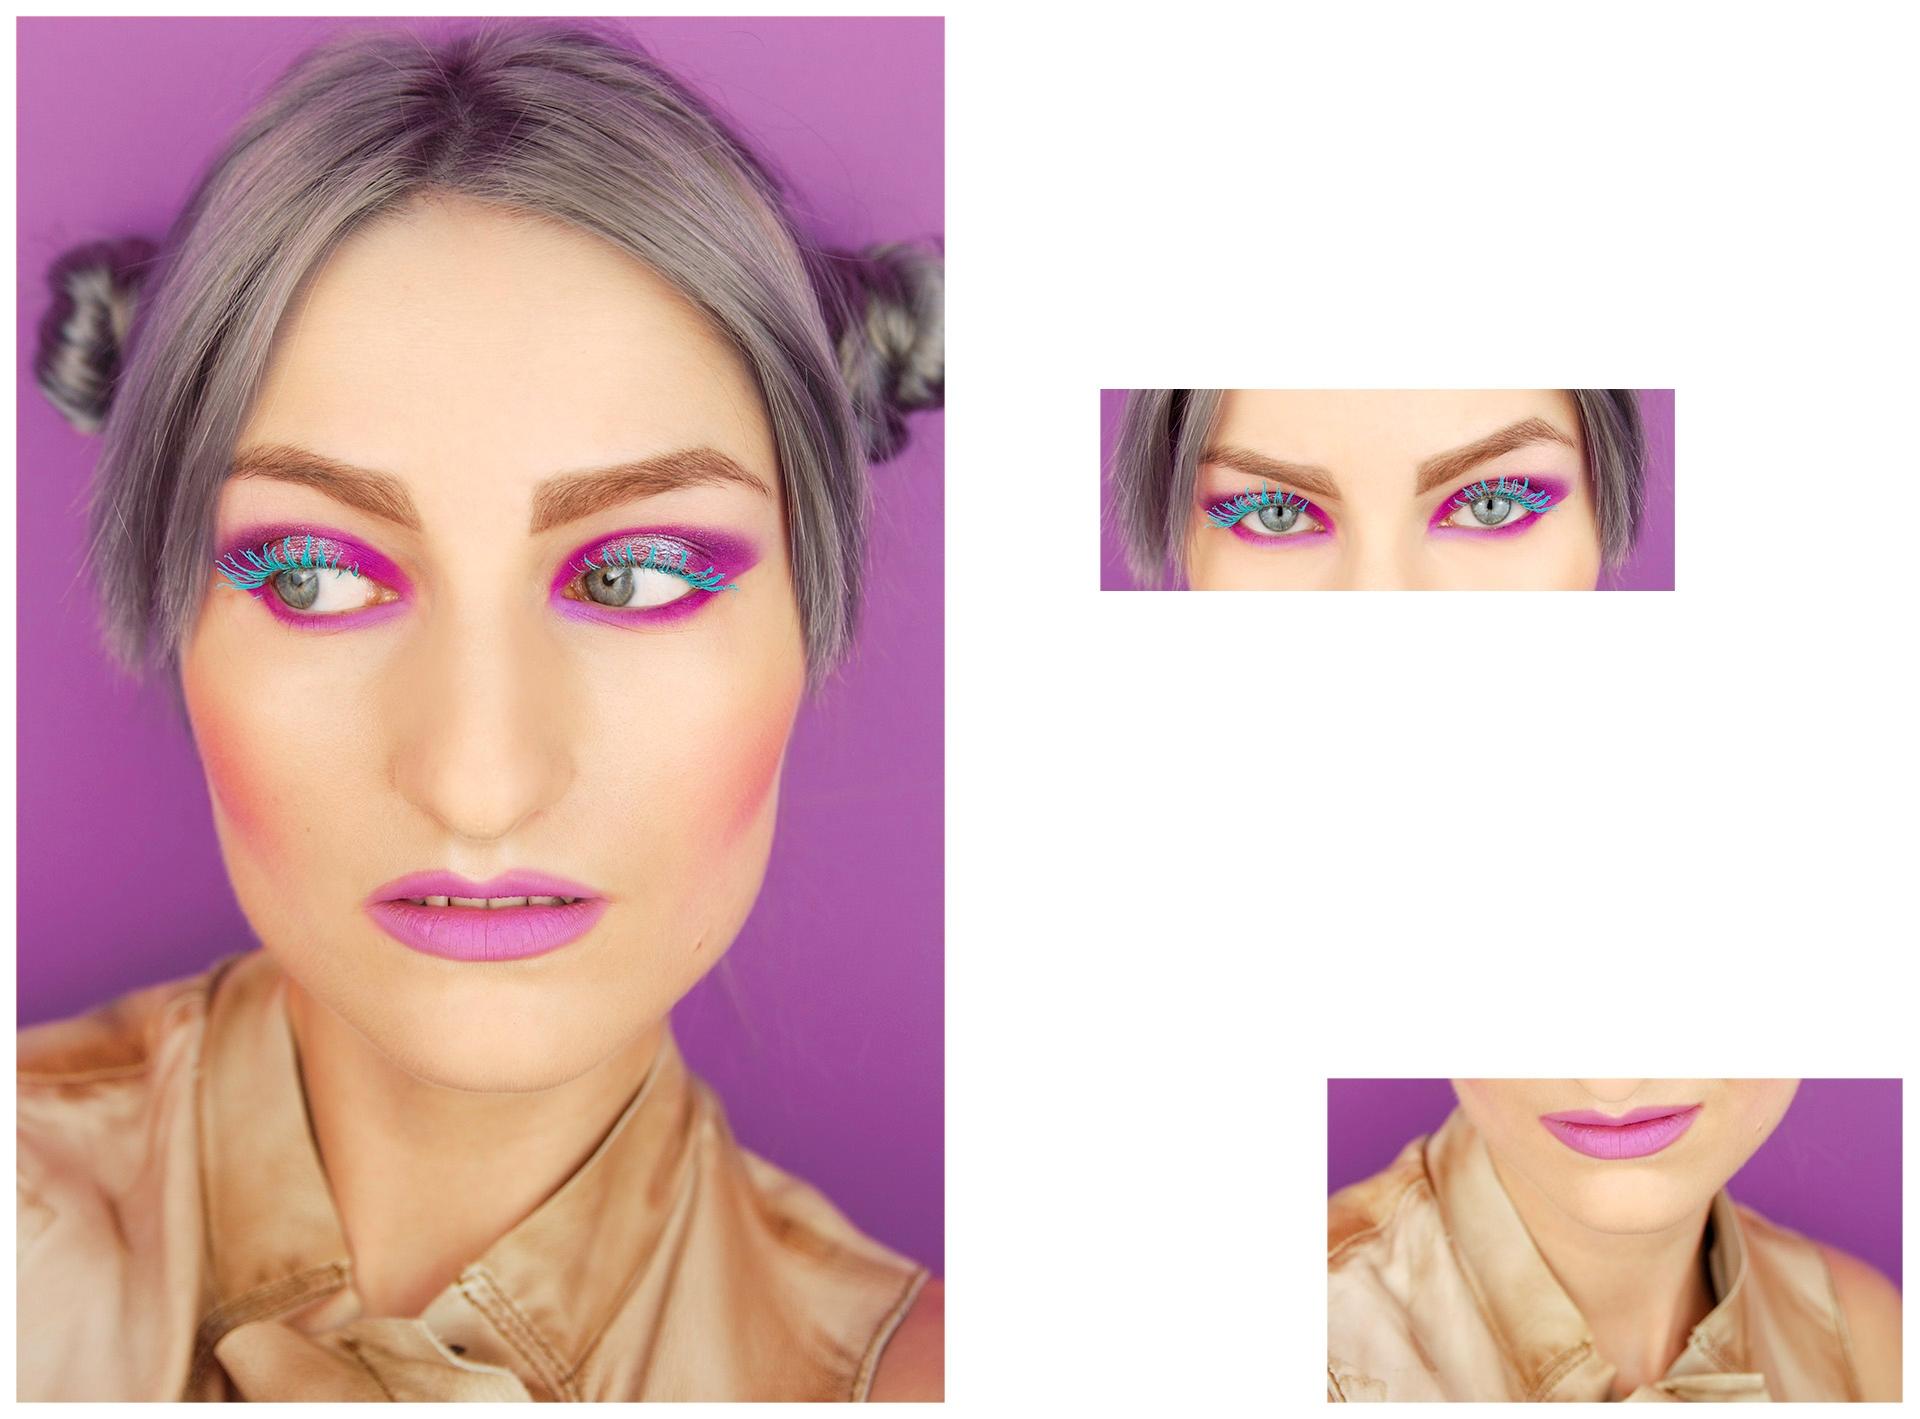 Obraz przedstawia 3 fotografie różnych wielkości. Z lewej strony widzimy największe zdjęcie przedstawiające portret kobiety na fioletowym tle. Kobieta ma pomalowane usta i oczy i patrzy w lewą stronę. Po lewej stronie widzimy dwa mniejsze zdjęcia oczu i usta tej samej kobiety.